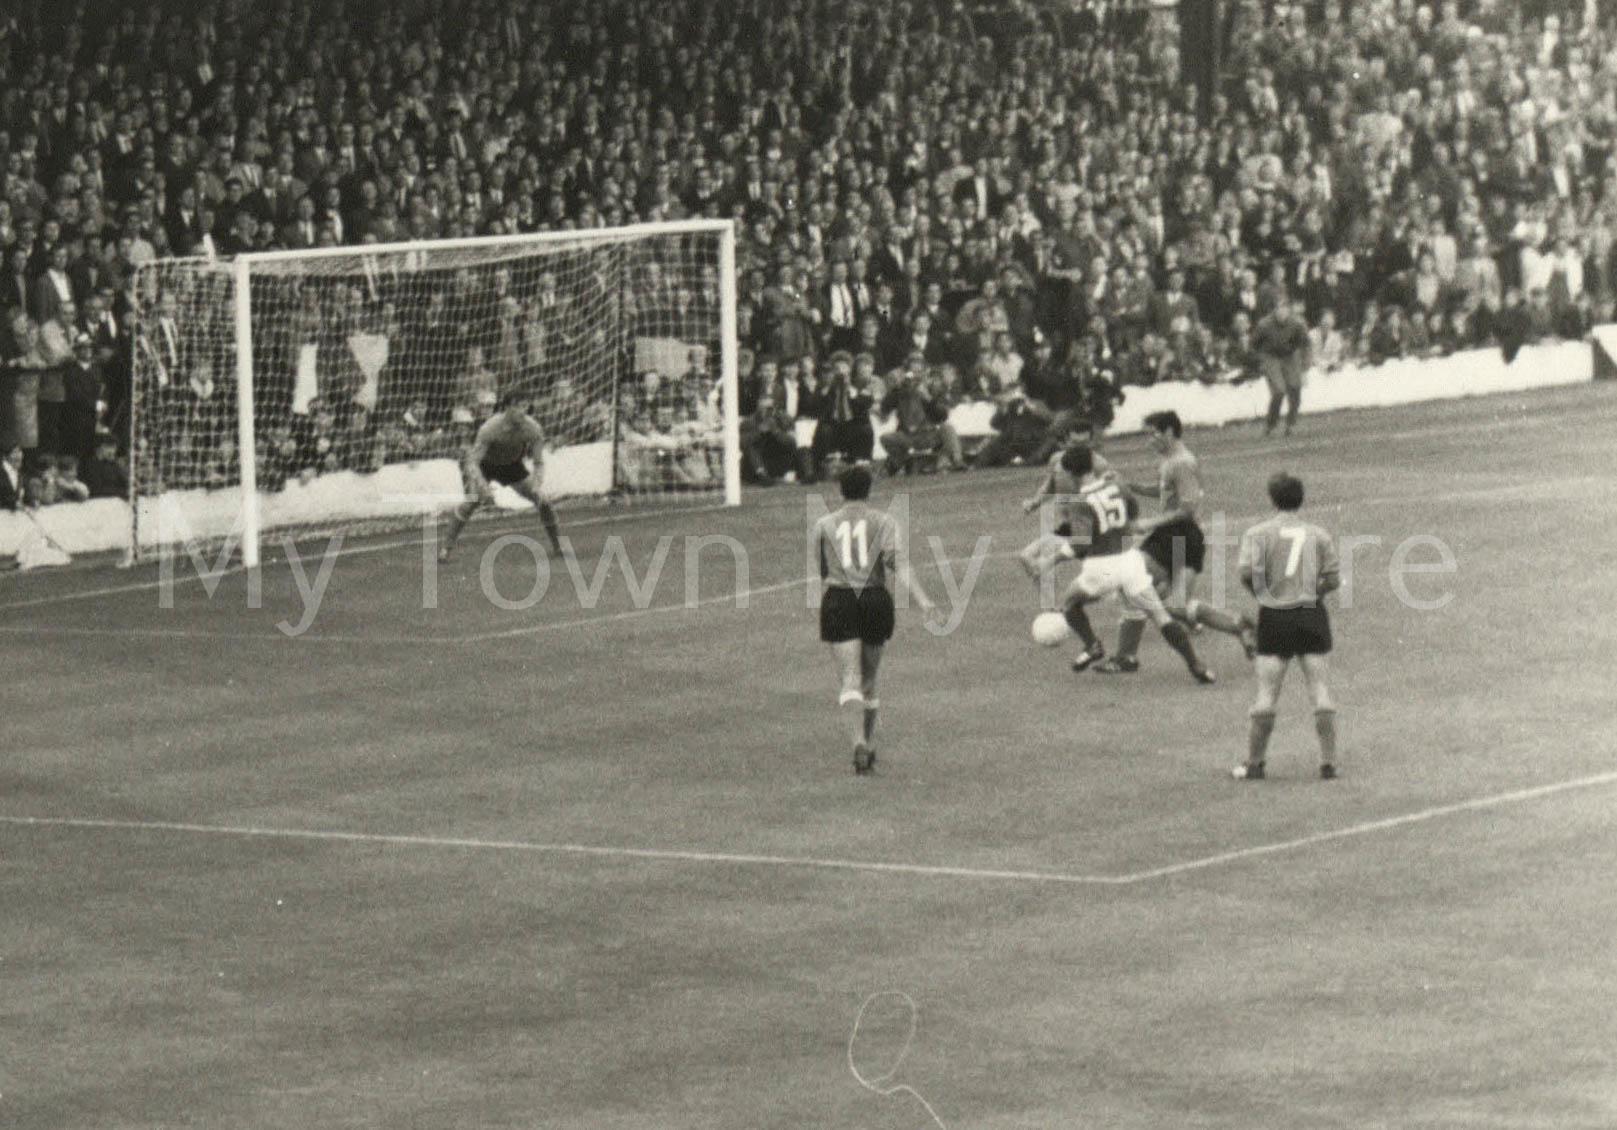 World Cup North Korea v Italy 1966